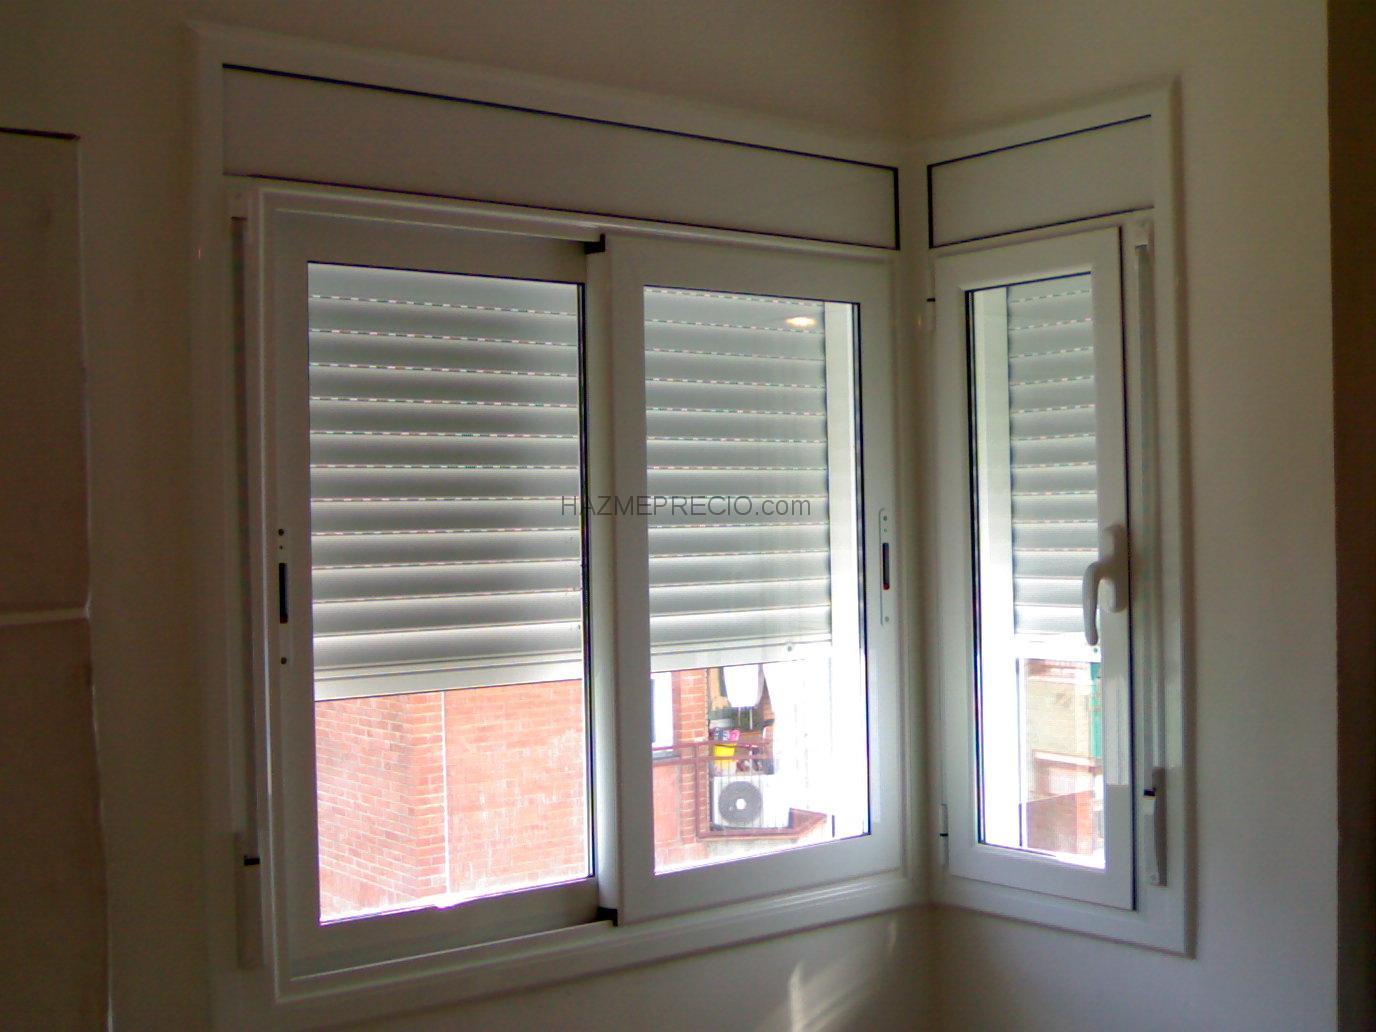 Presupuesto para instalar persiana aluminio puertas salida for Presupuesto puerta aluminio